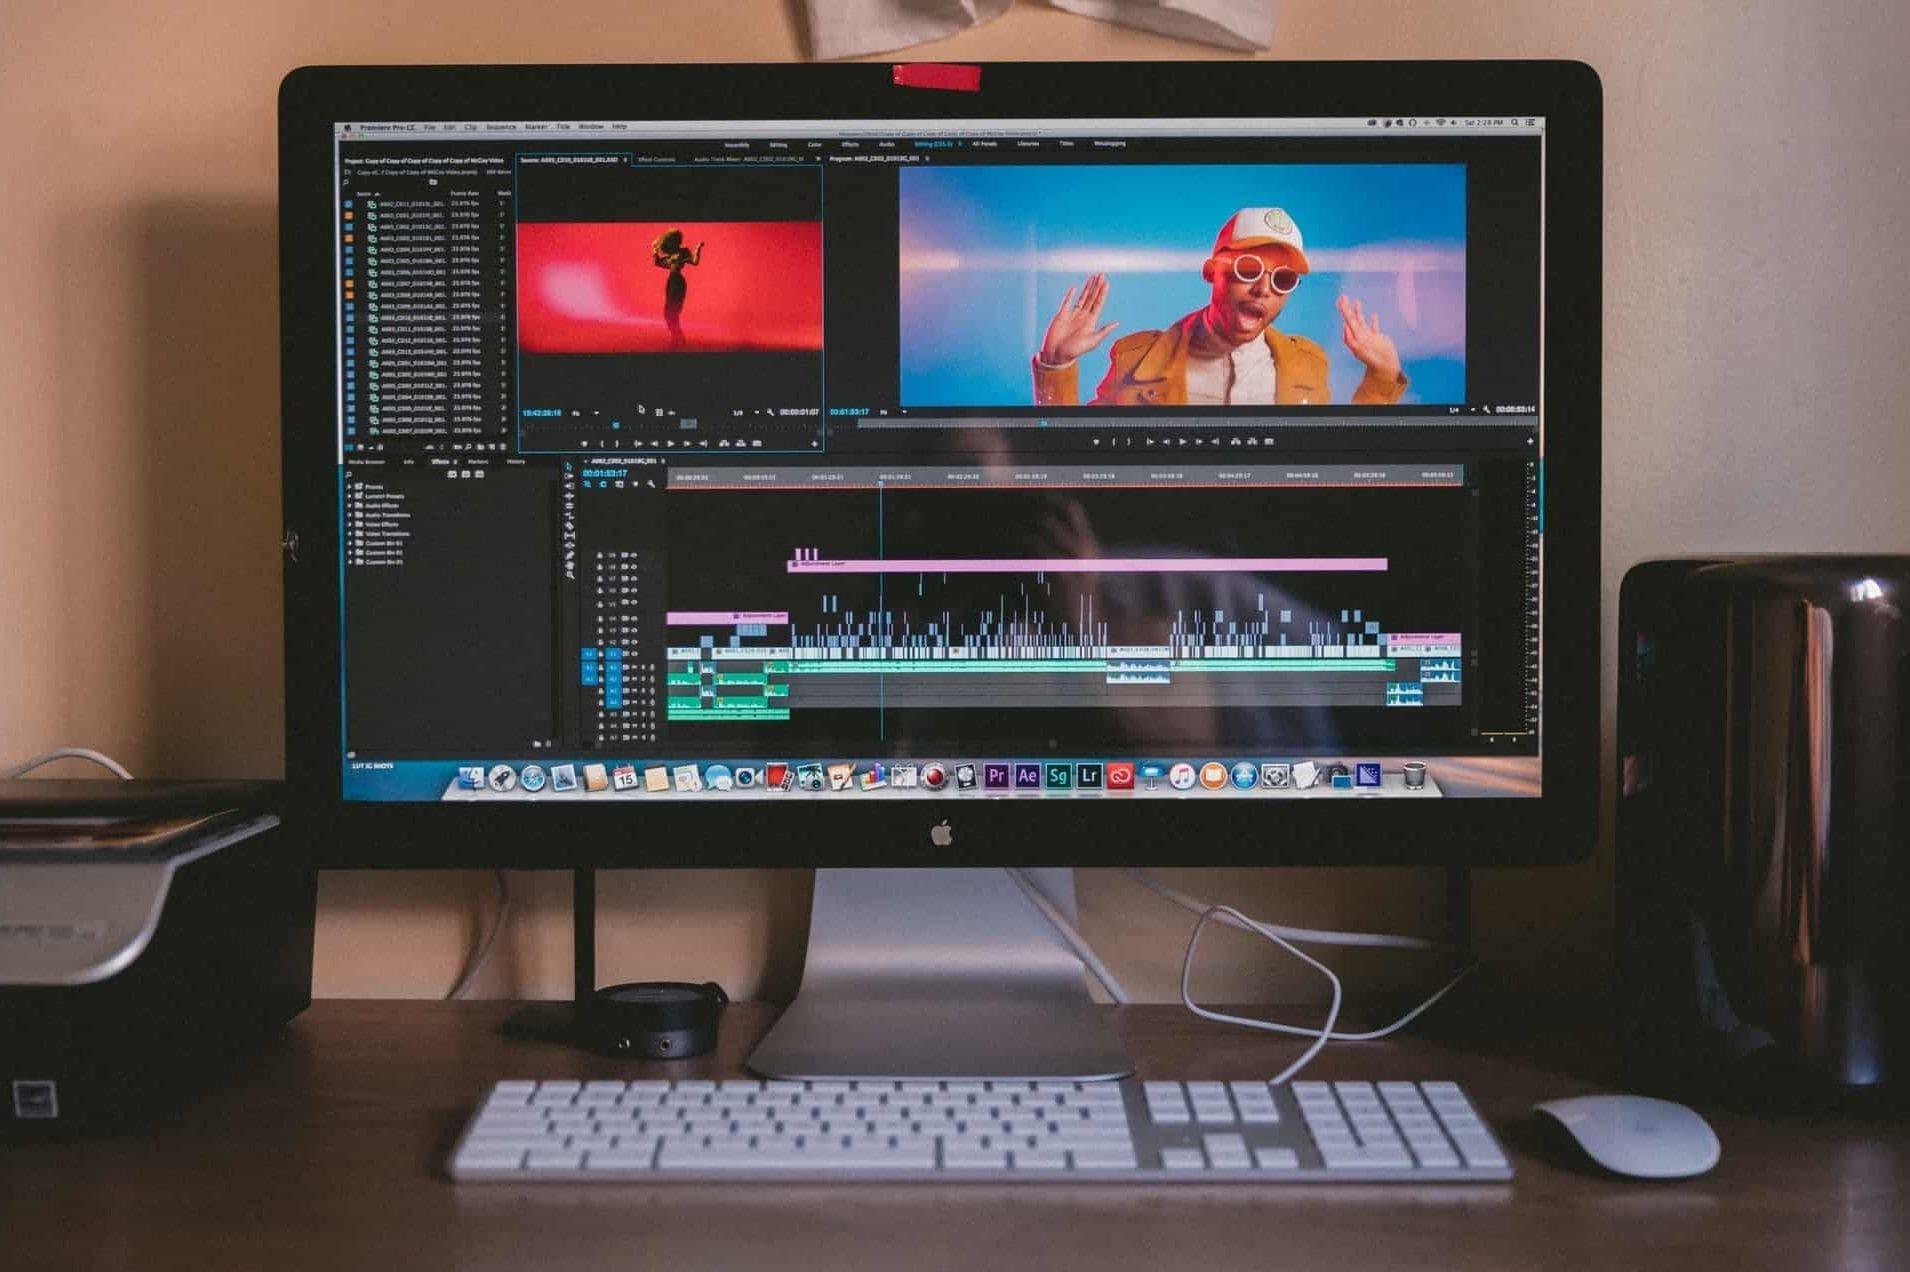 オンライン動画スクールのおすすめ5選!料金&基本情報をまとめてご紹介